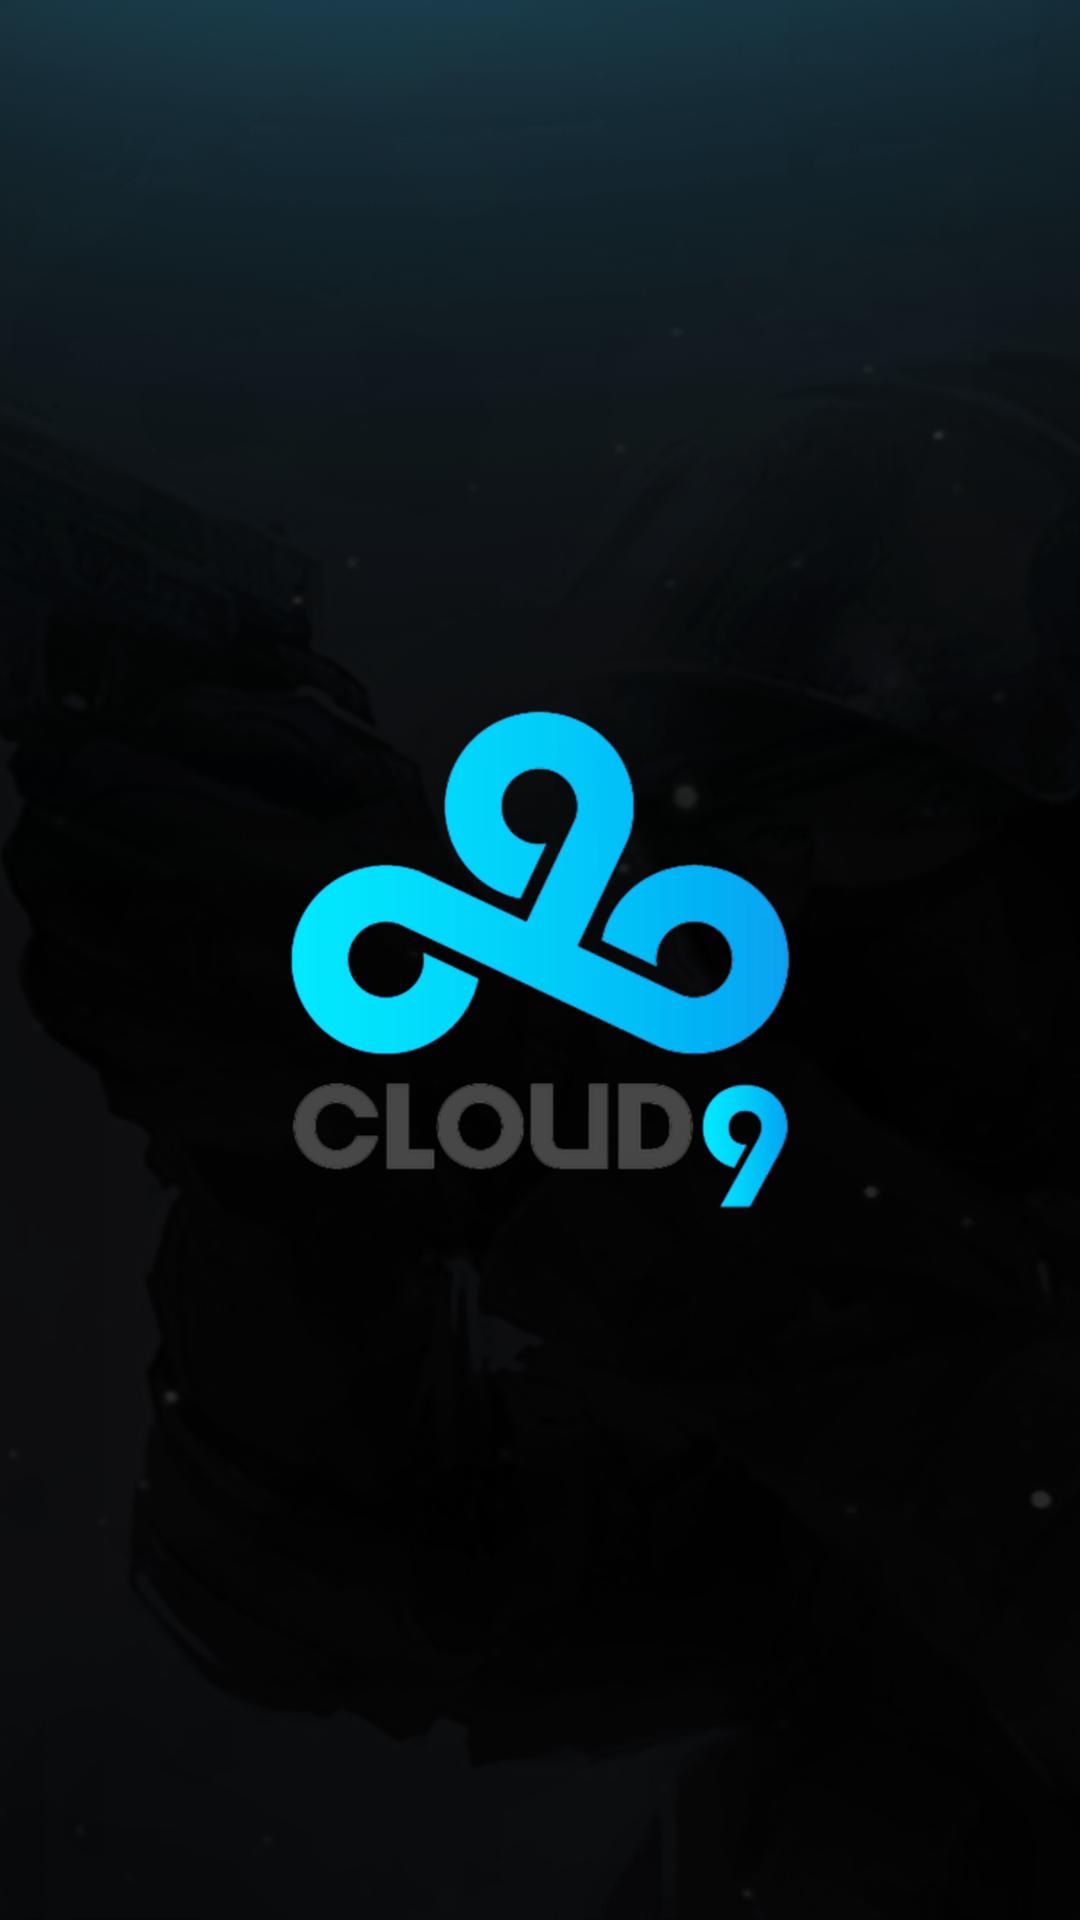 Dark Cloud9 wallpaper